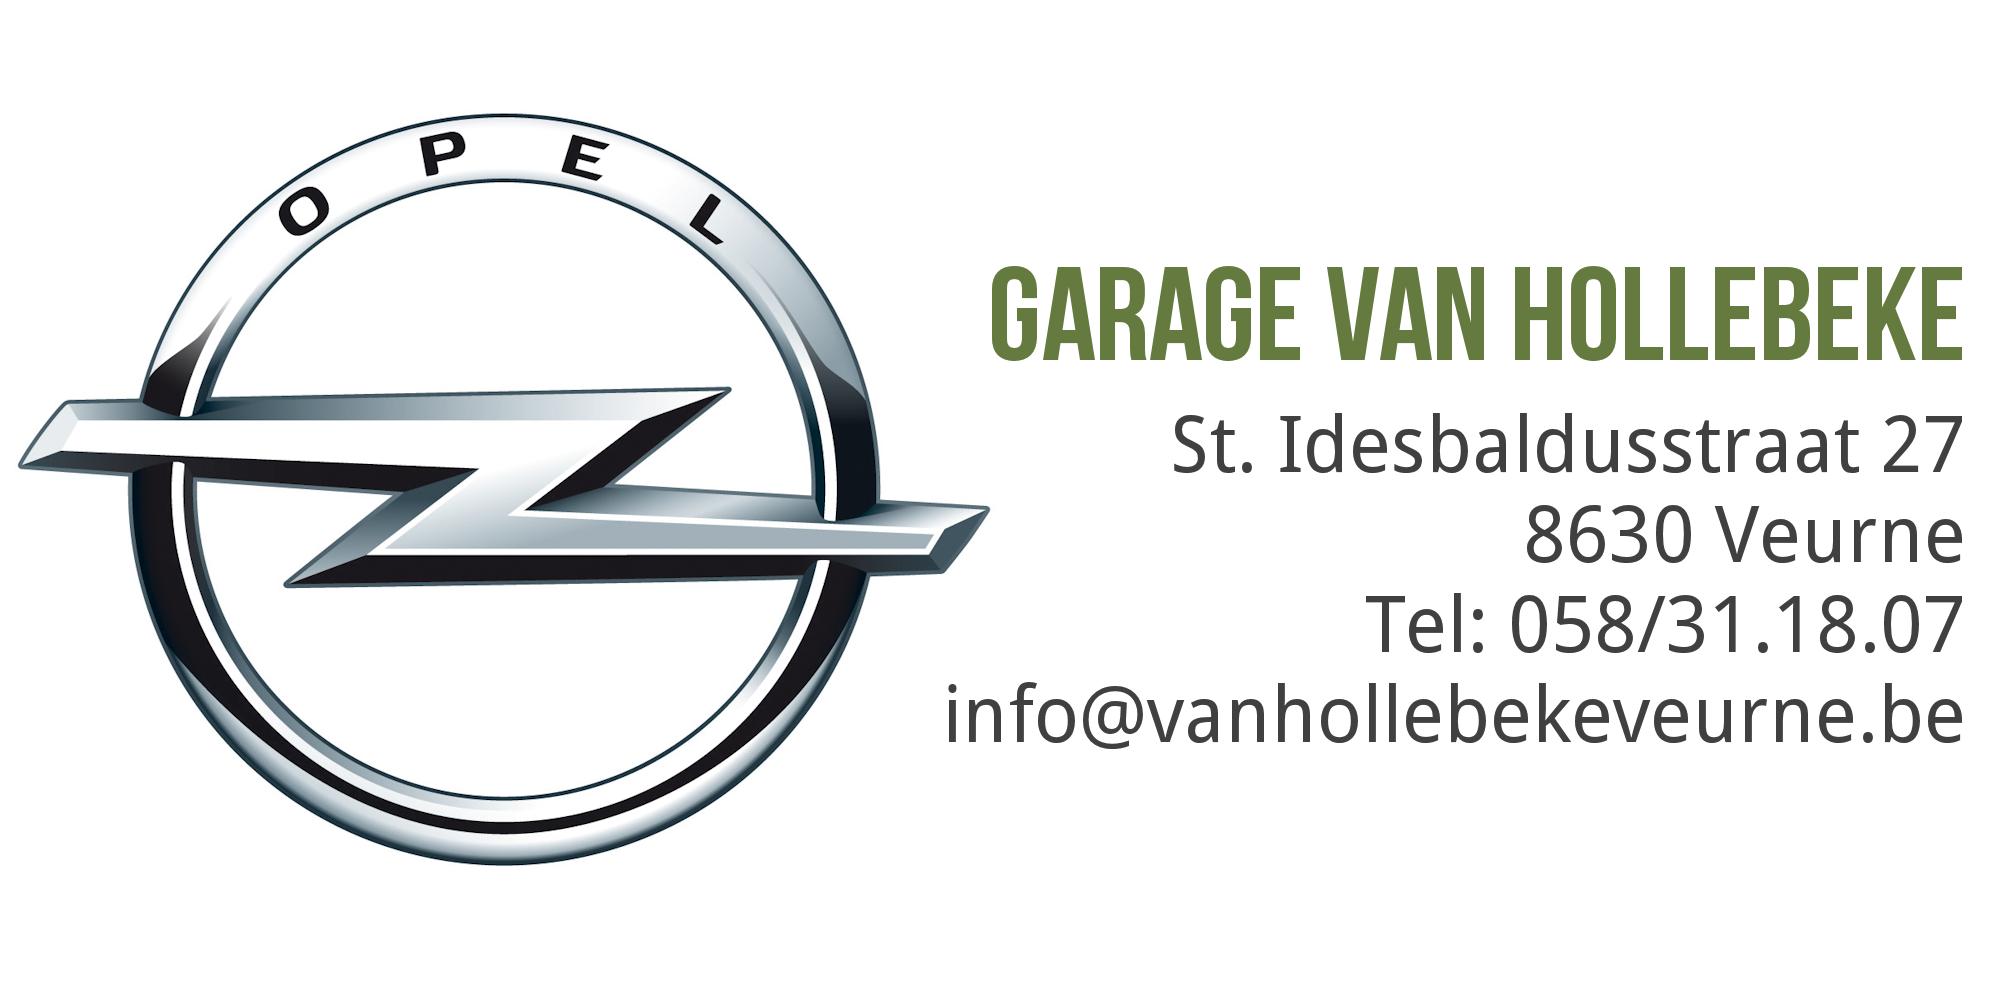 Garage Van Hollebeke